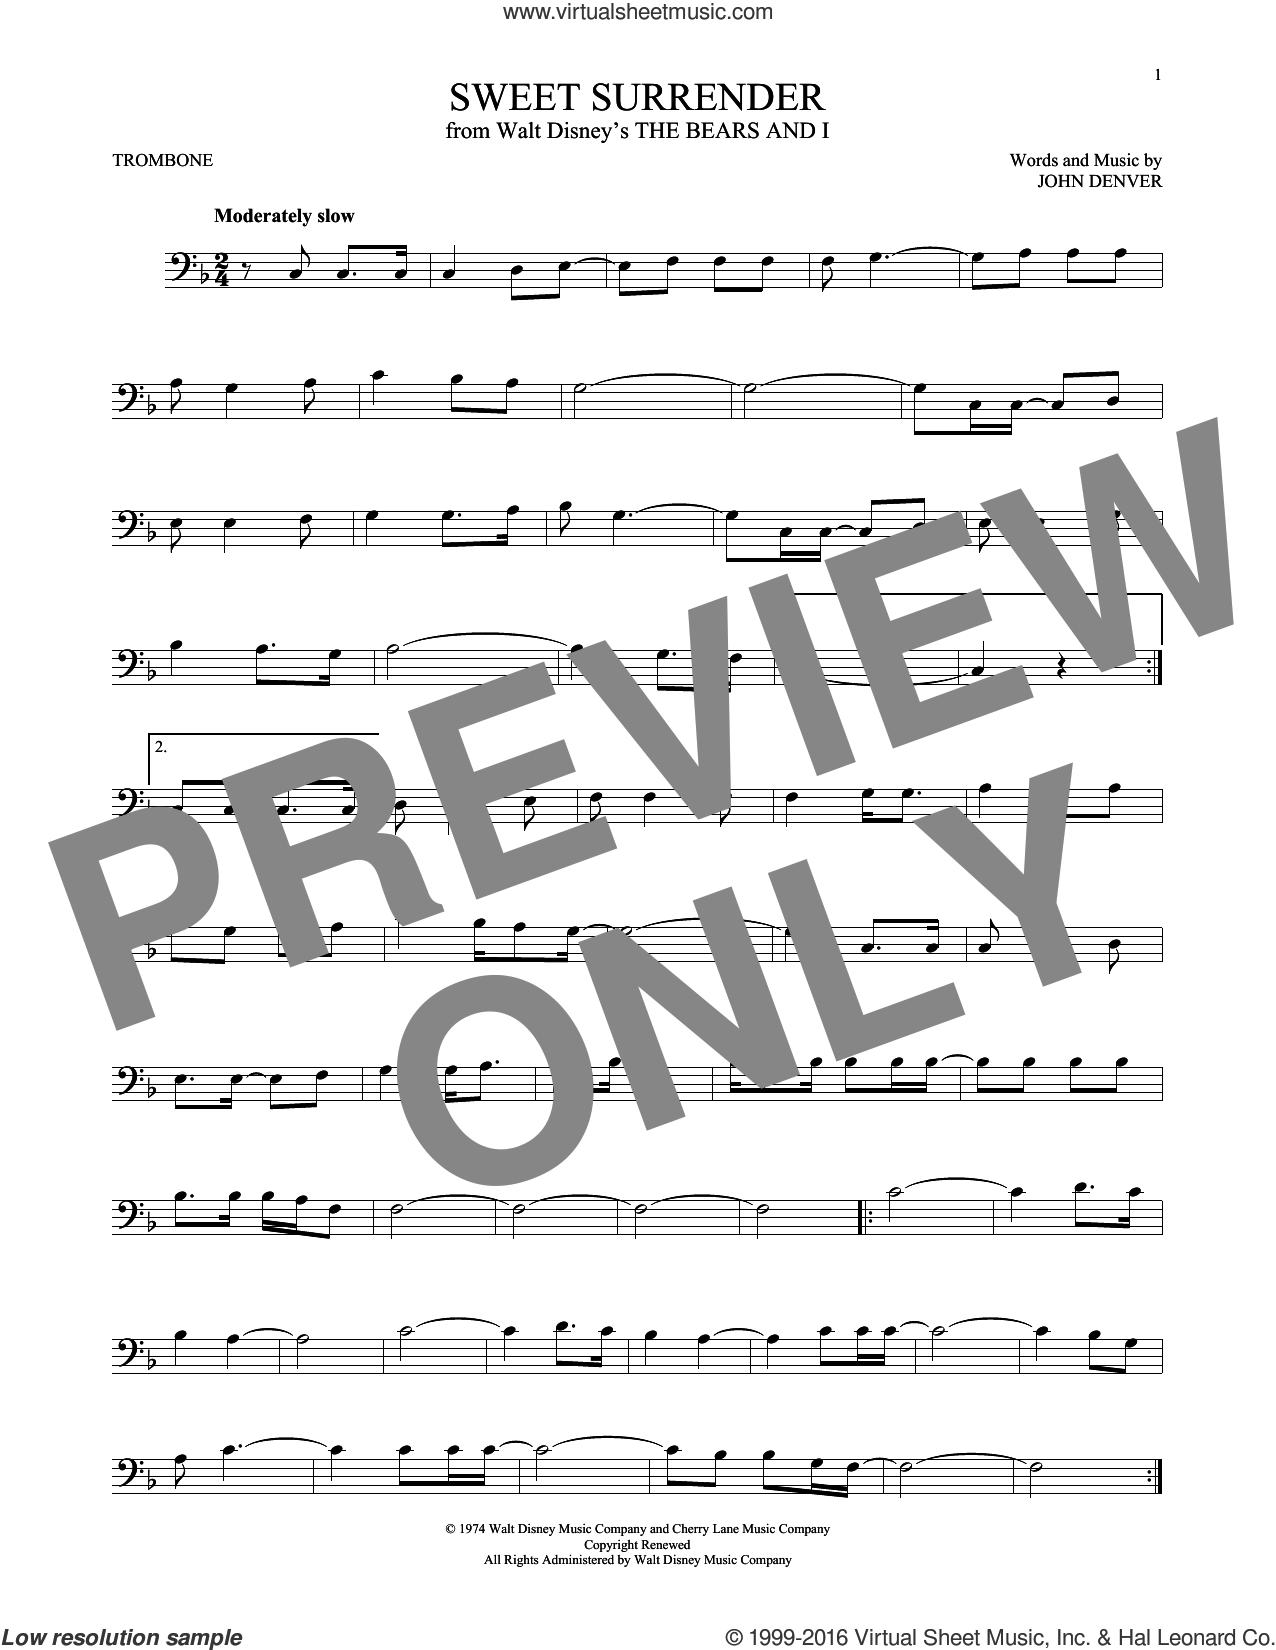 Sweet Surrender sheet music for trombone solo by John Denver, intermediate skill level